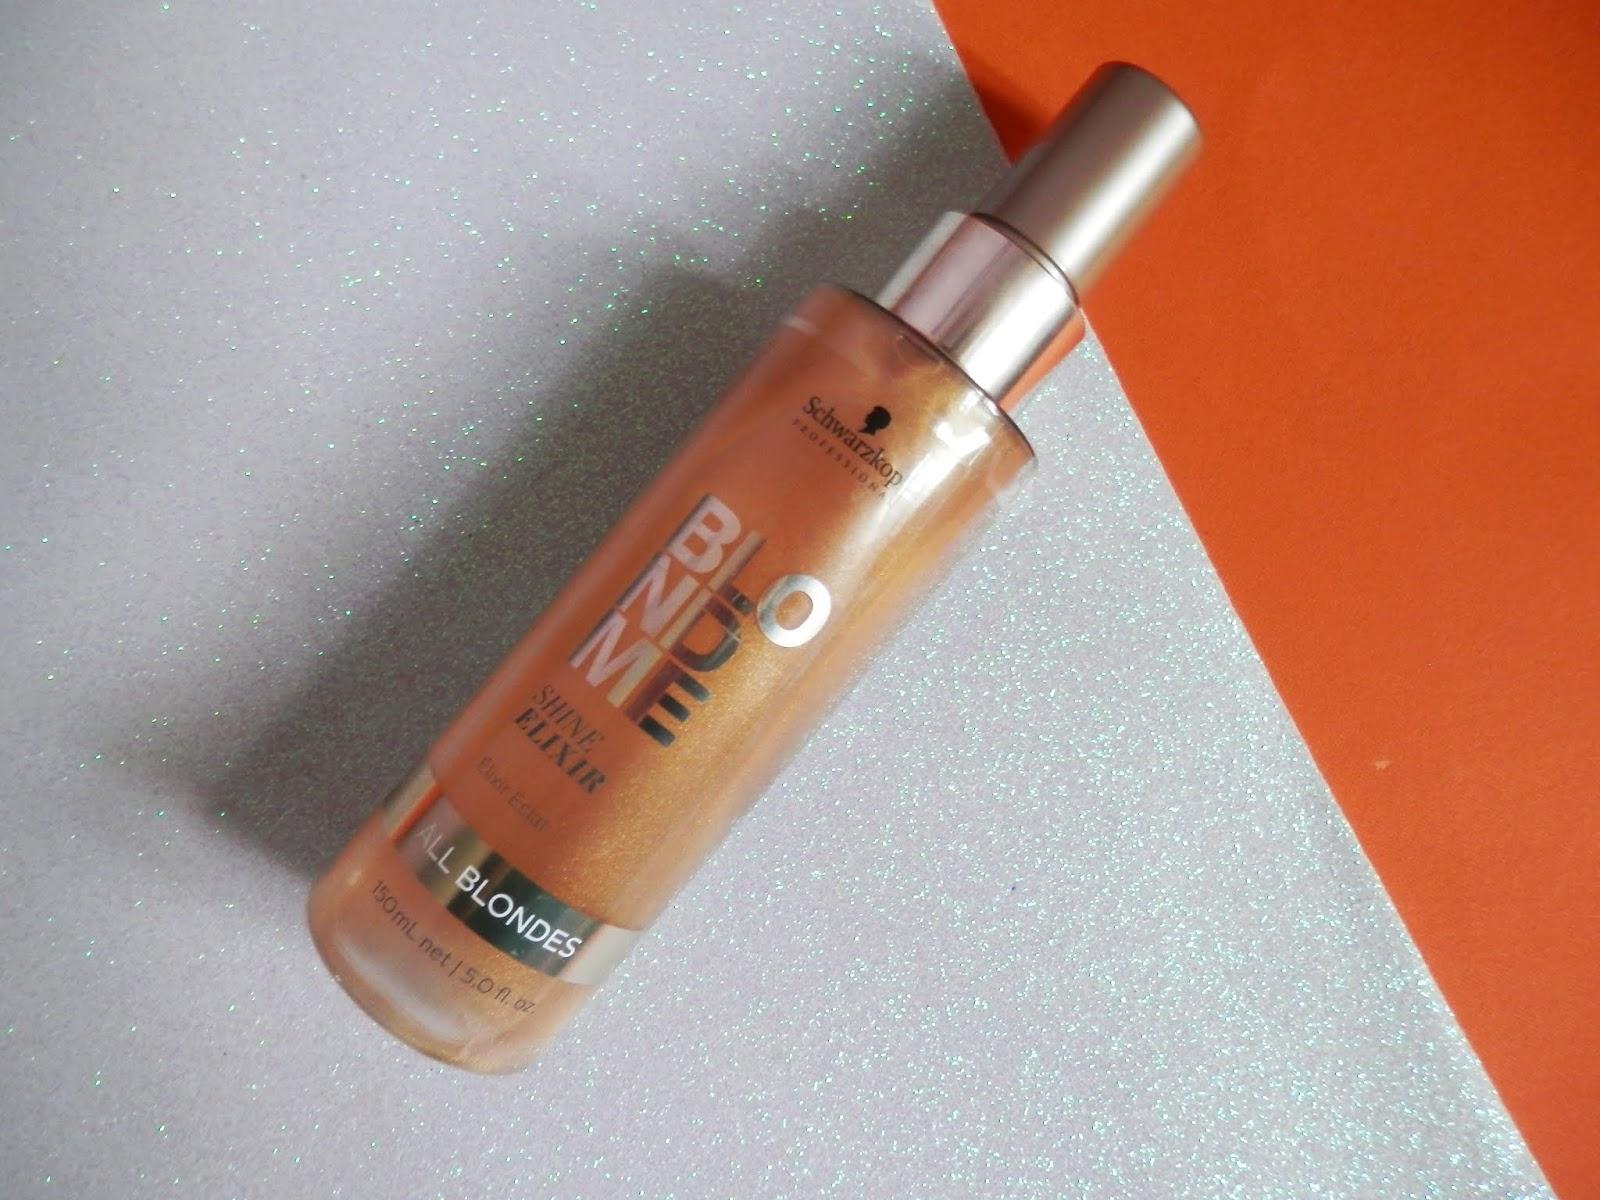 foto do produto Blondme Shine Elixir da Schwarzkopf